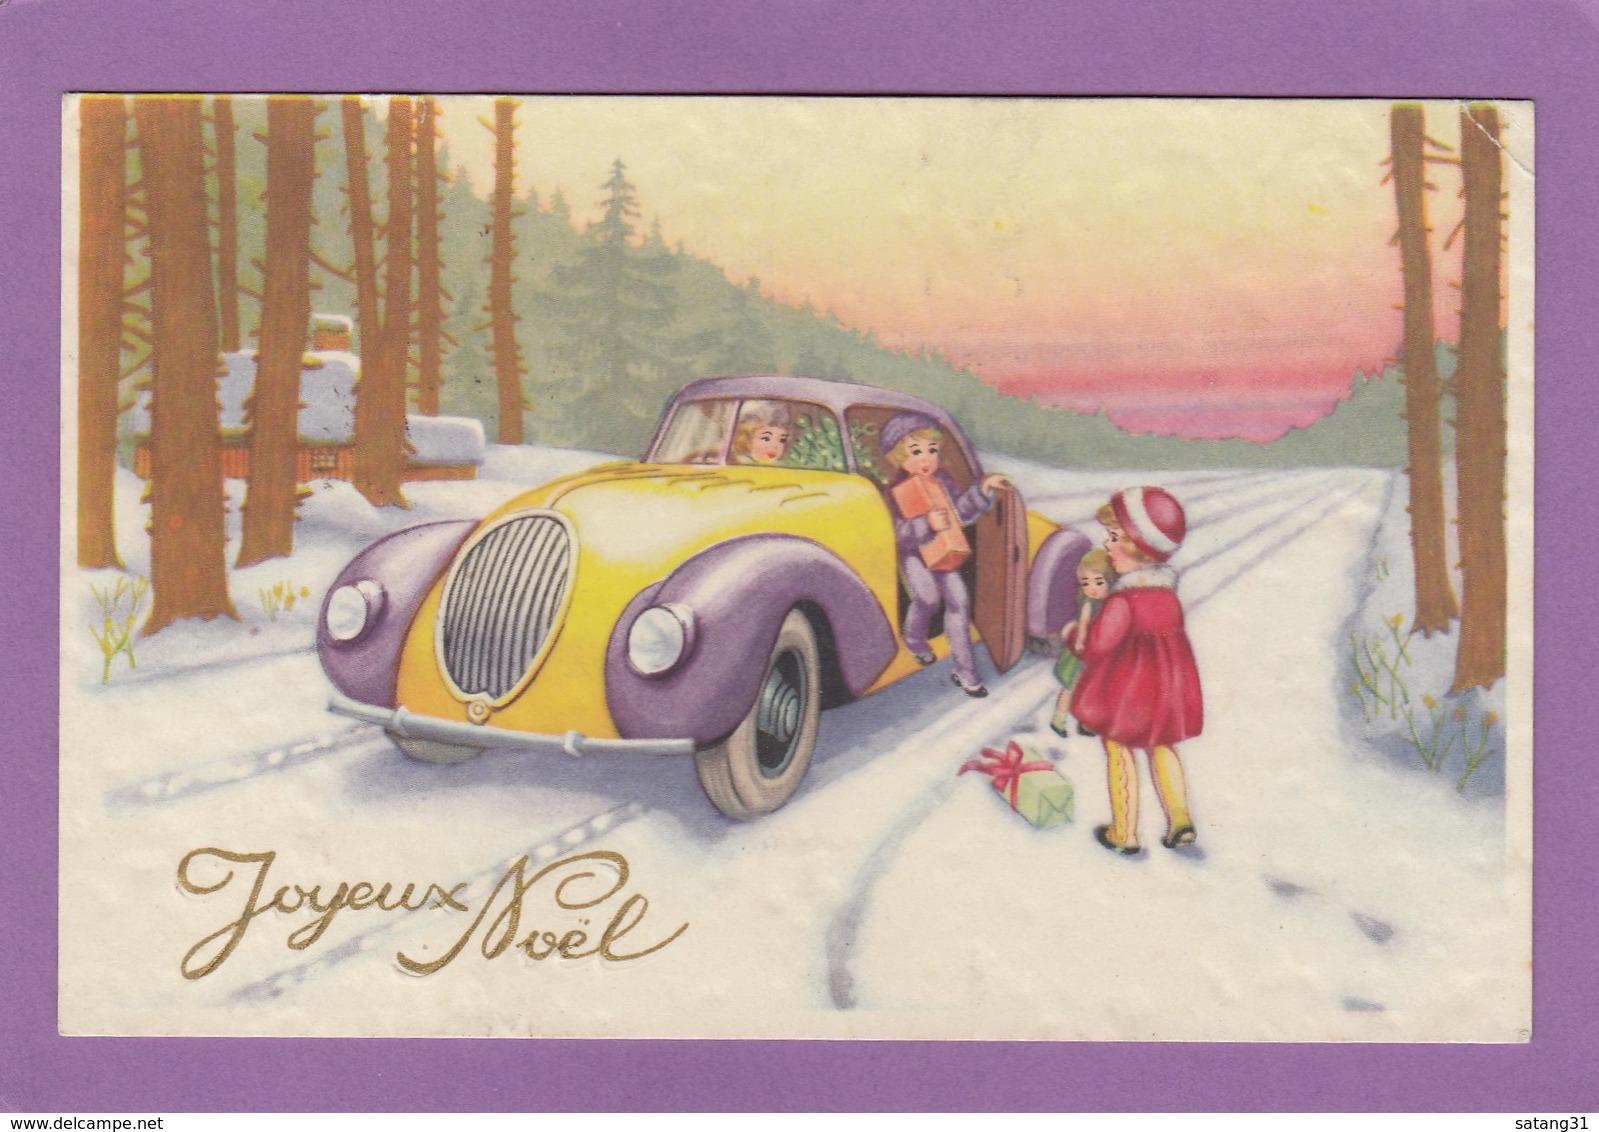 JOYEUX NOEL DE MONACO 1938,ENFANTS AVEC CADEAUX ET UNE POUPÉE DANS VOITURE,DANS FORTE. - Noël